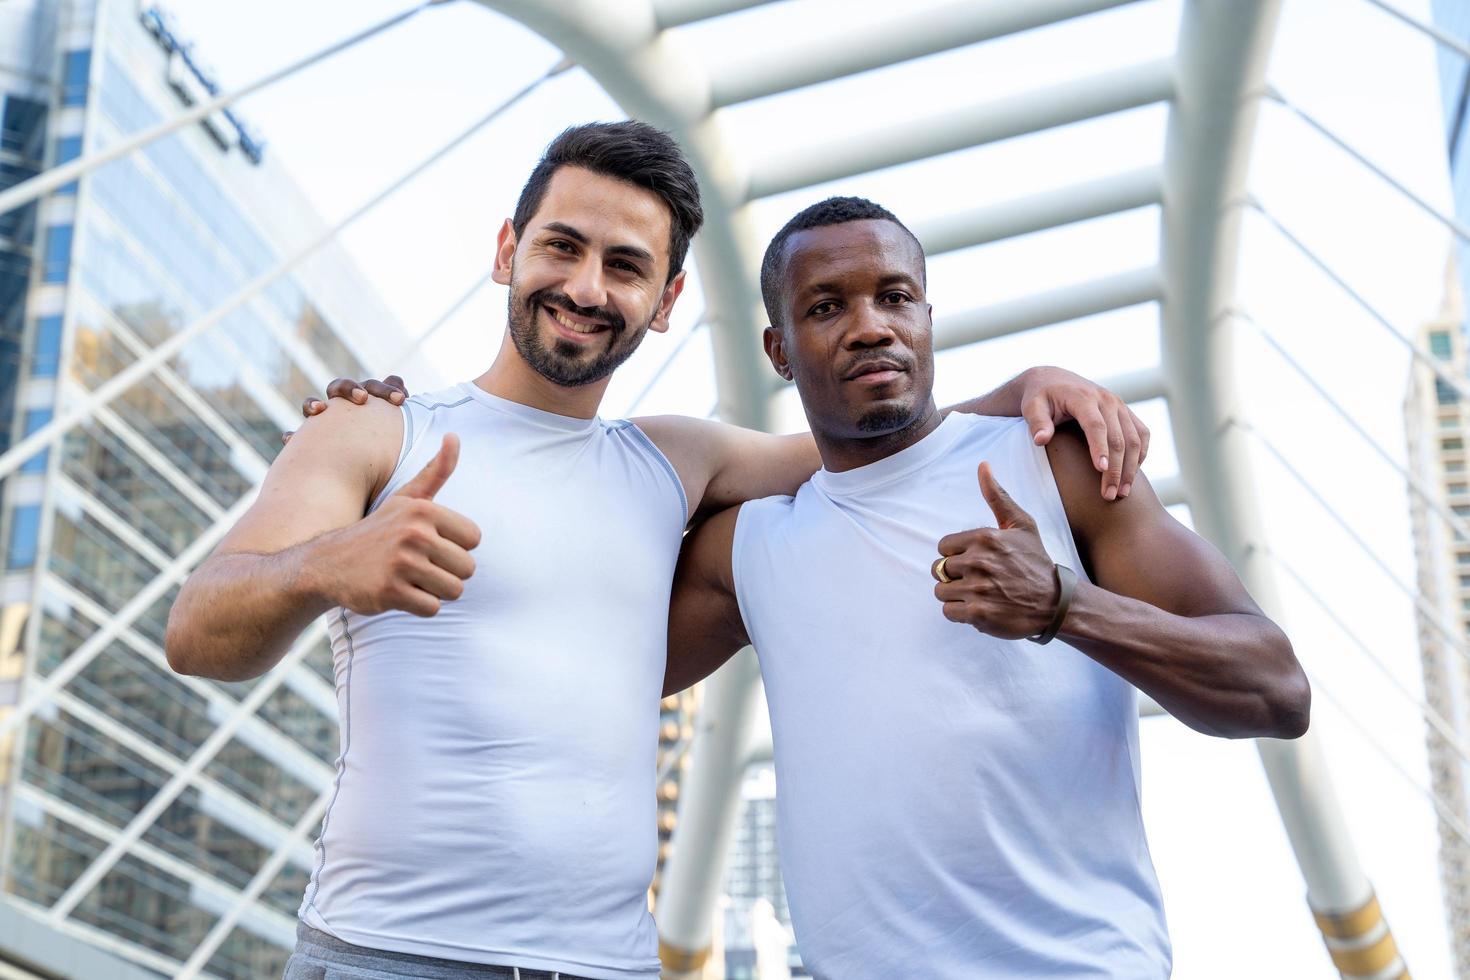 dos hombres en ropa deportiva en escena de la ciudad foto